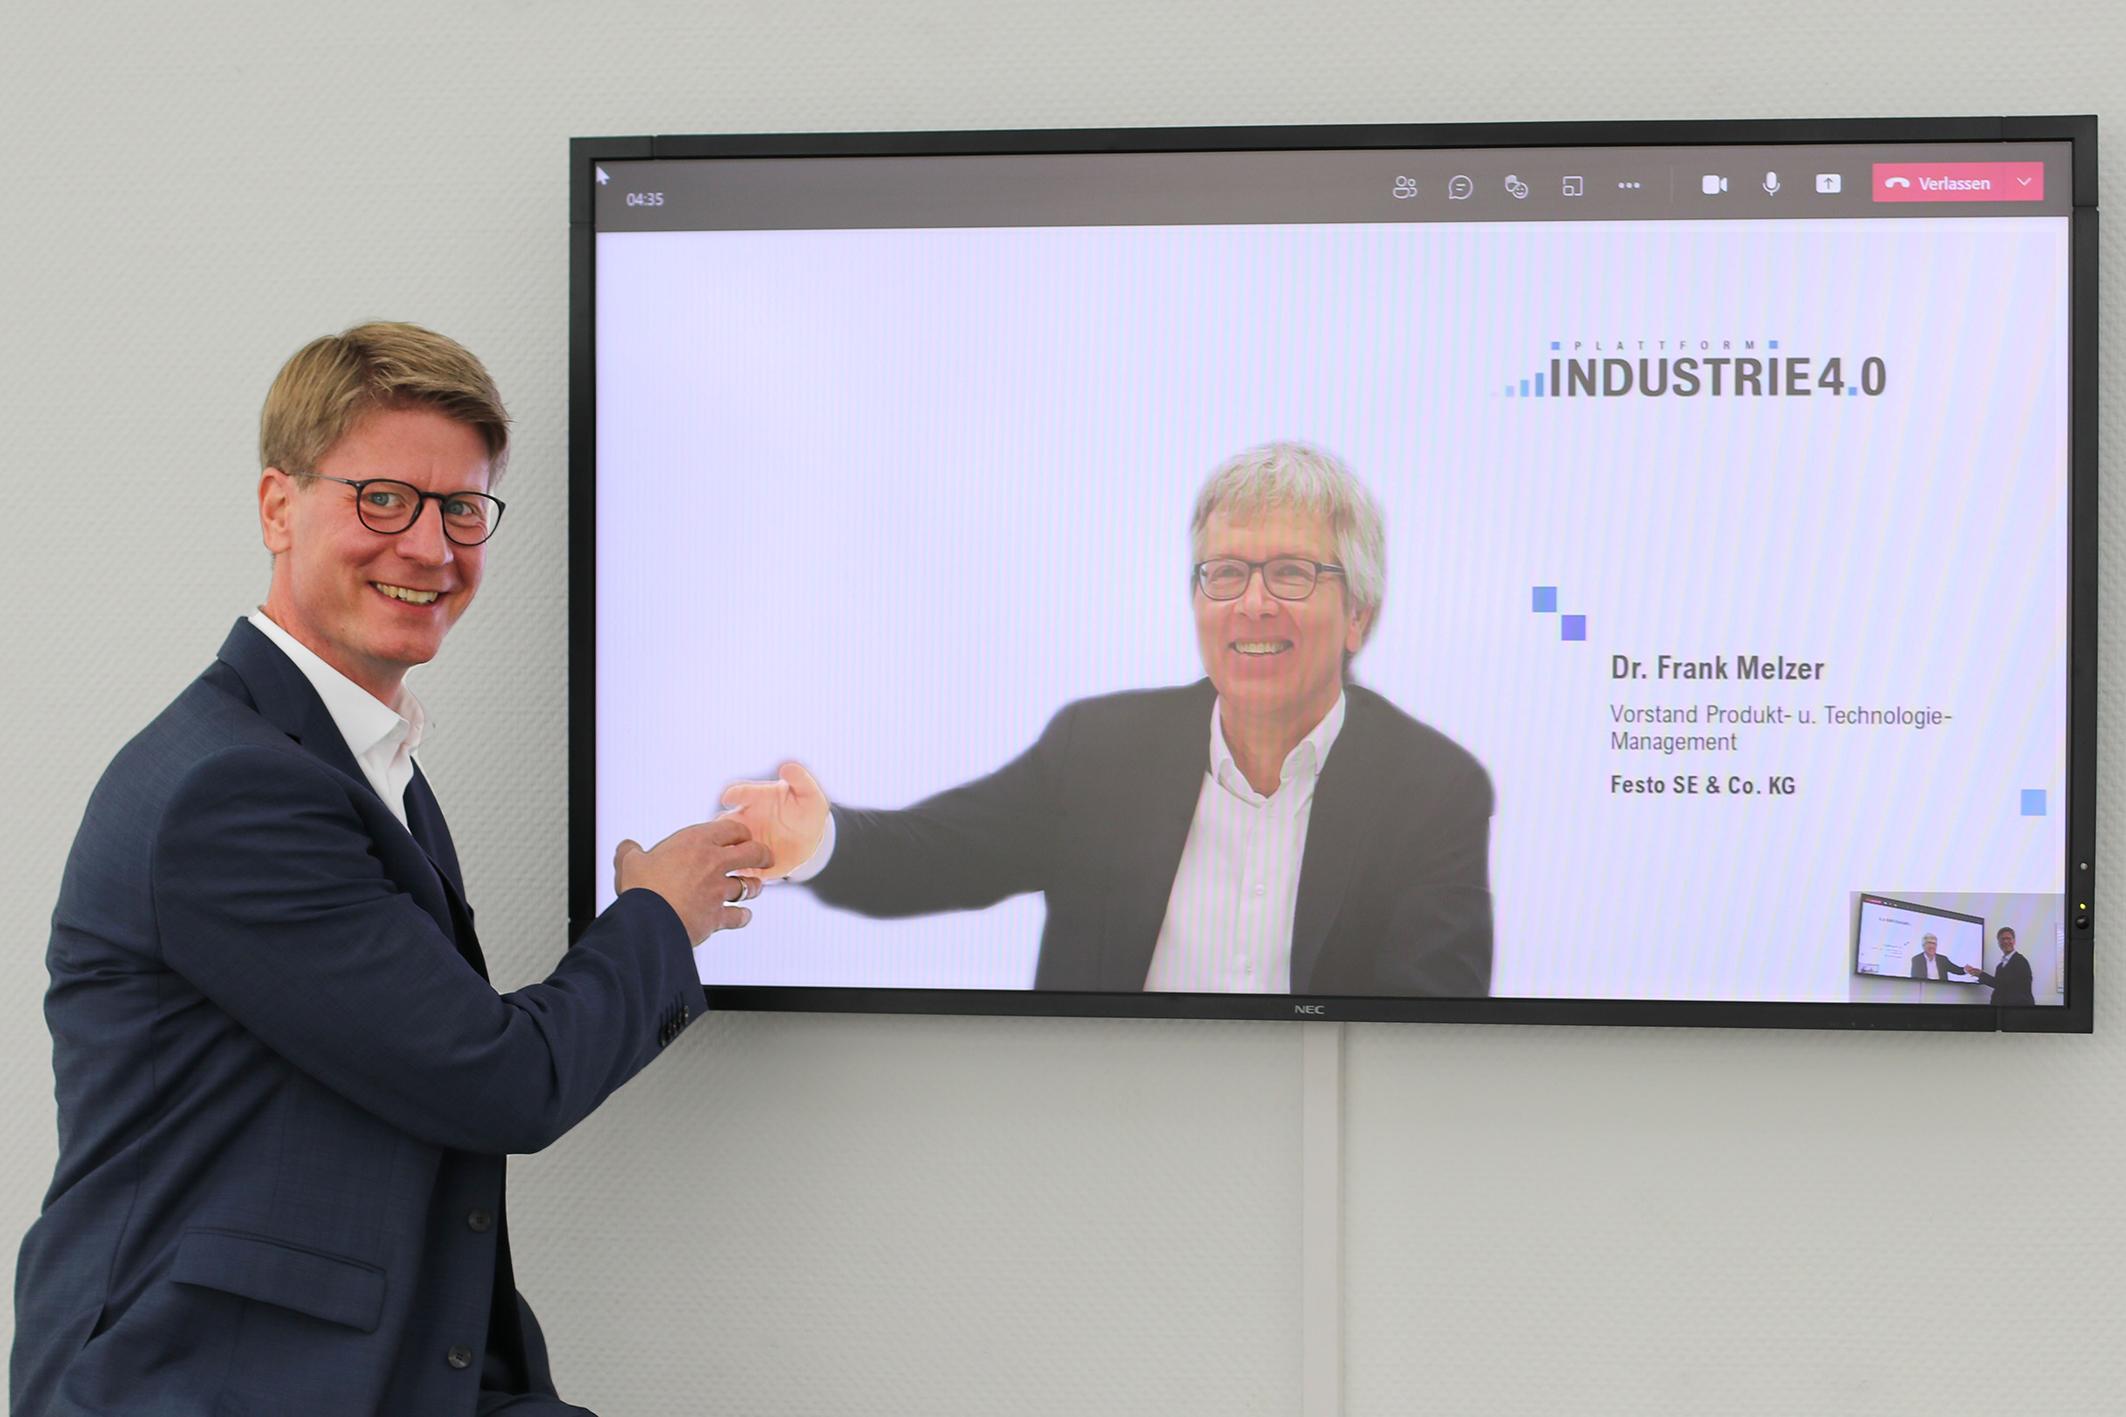 Neuer Vorsitz des Lenkungskreises für Plattform I4.0